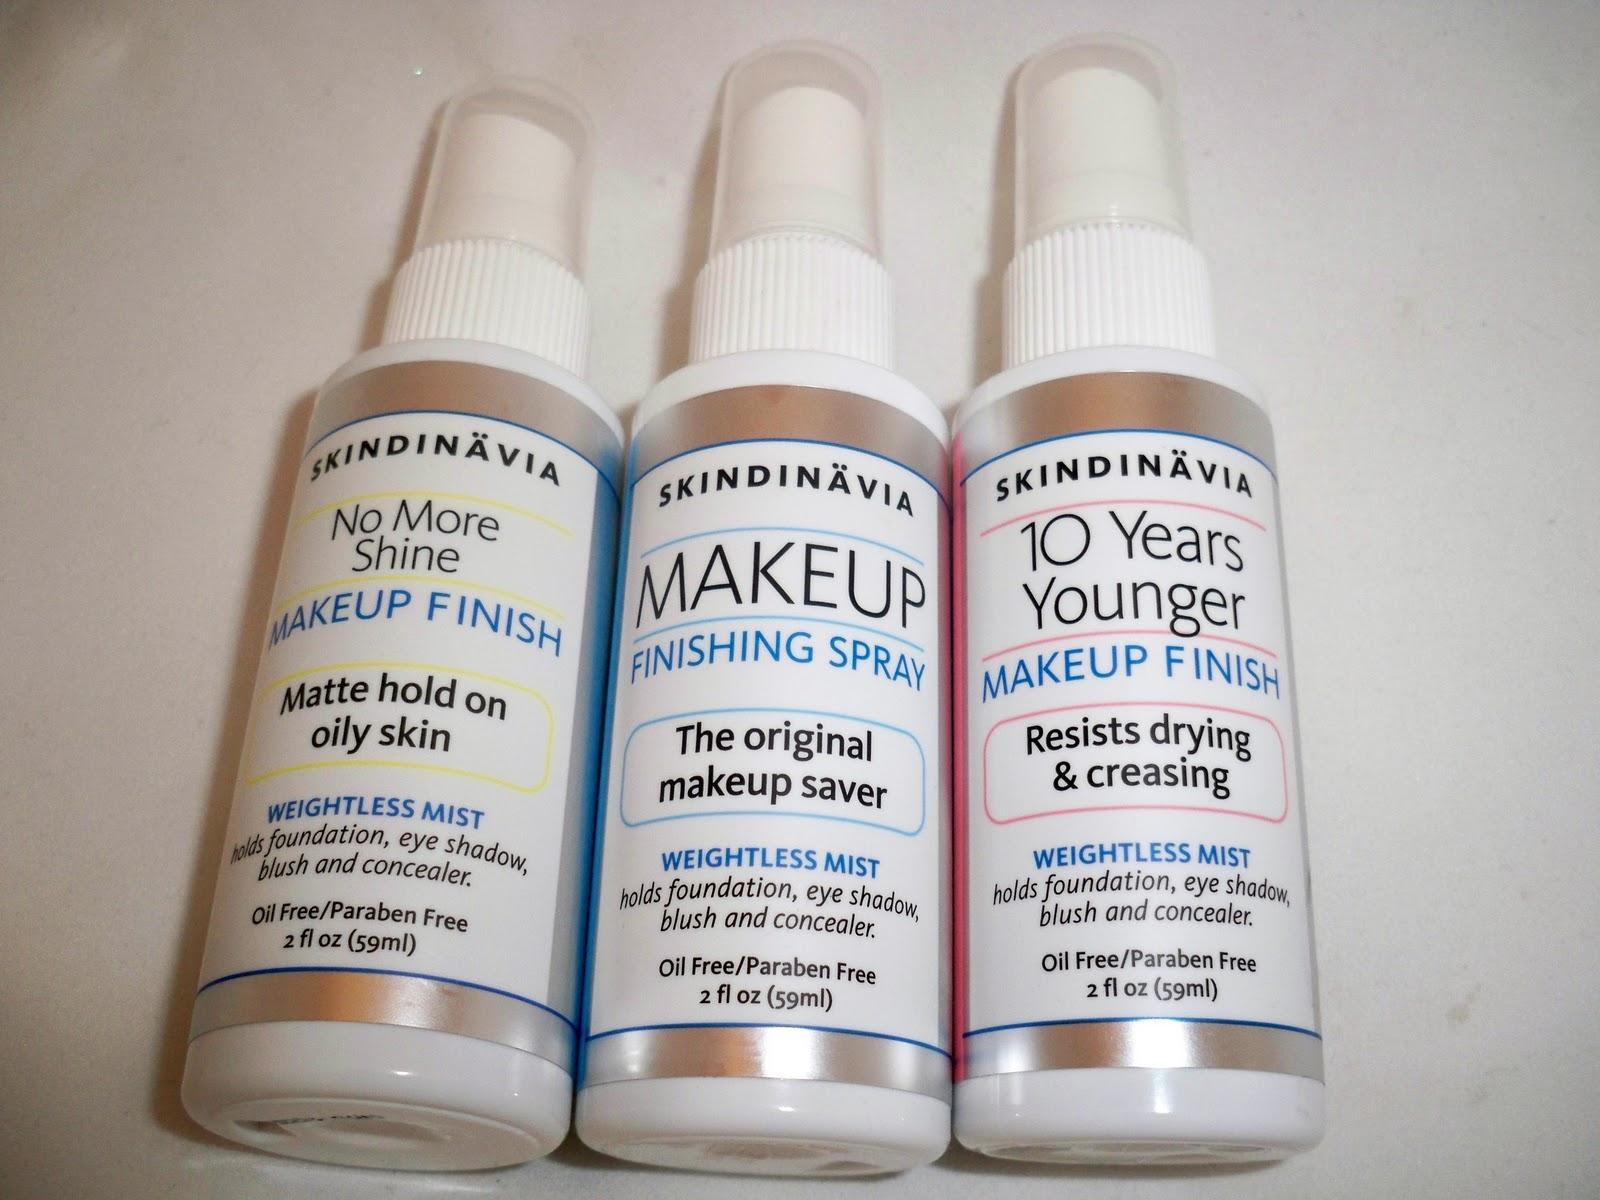 Skindinavia Makeup Finish Sprays - Review & Giveaway! | Makeup By ...